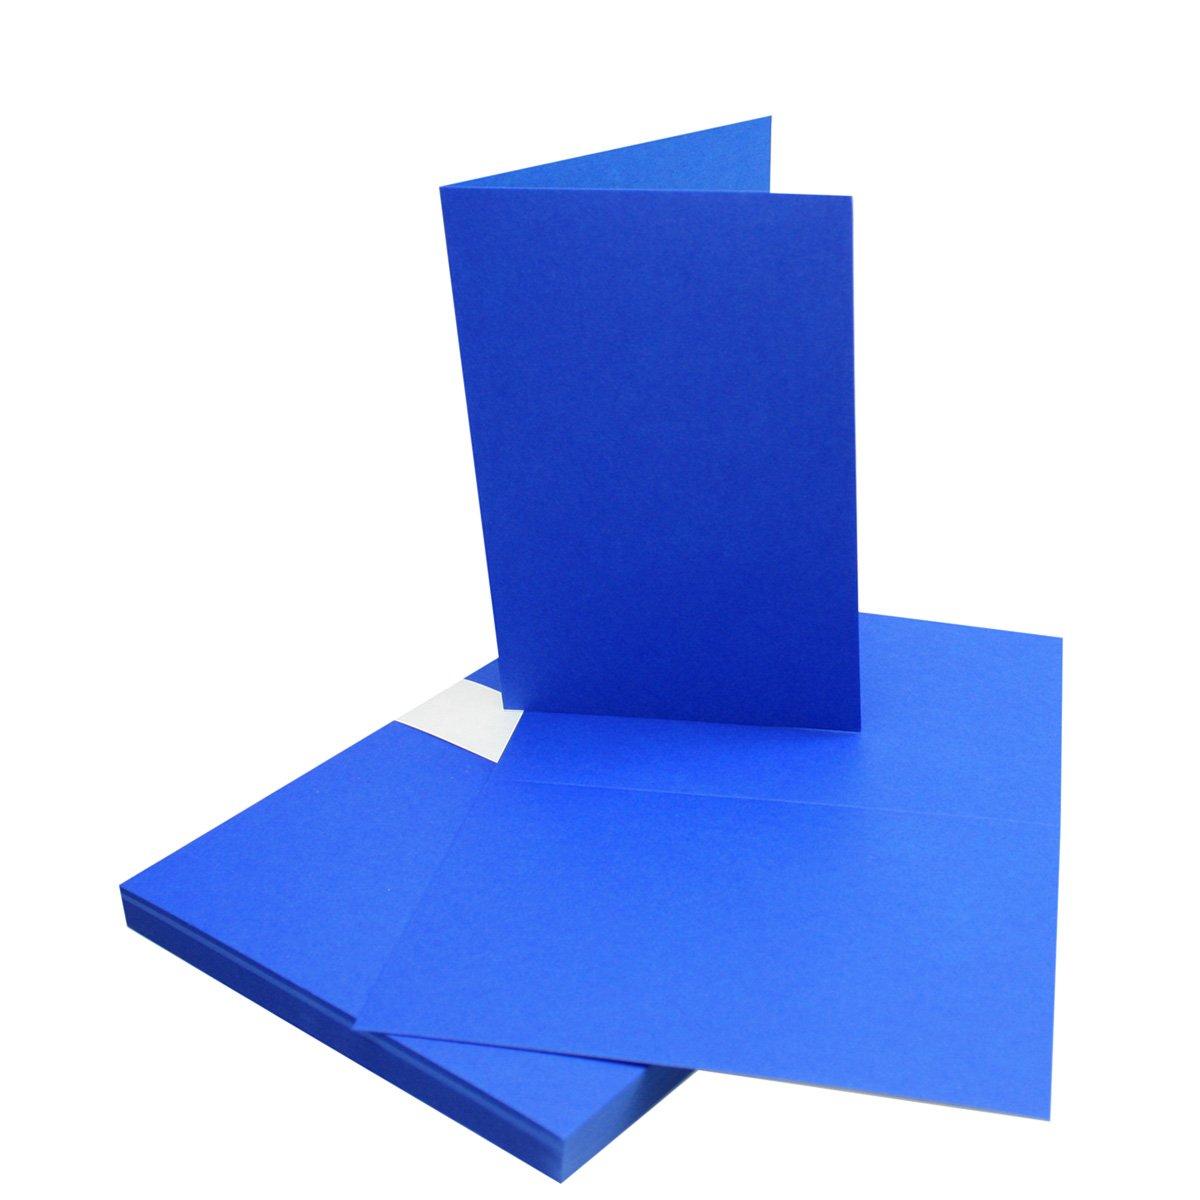 250x Falt-Karten DIN A6 Blanko Doppel-Karten in Hochweiß Kristallweiß -10,5 x 14,8 cm   Premium Qualität   FarbenFroh® B06Y3RWR3Q | Verbraucher zuerst